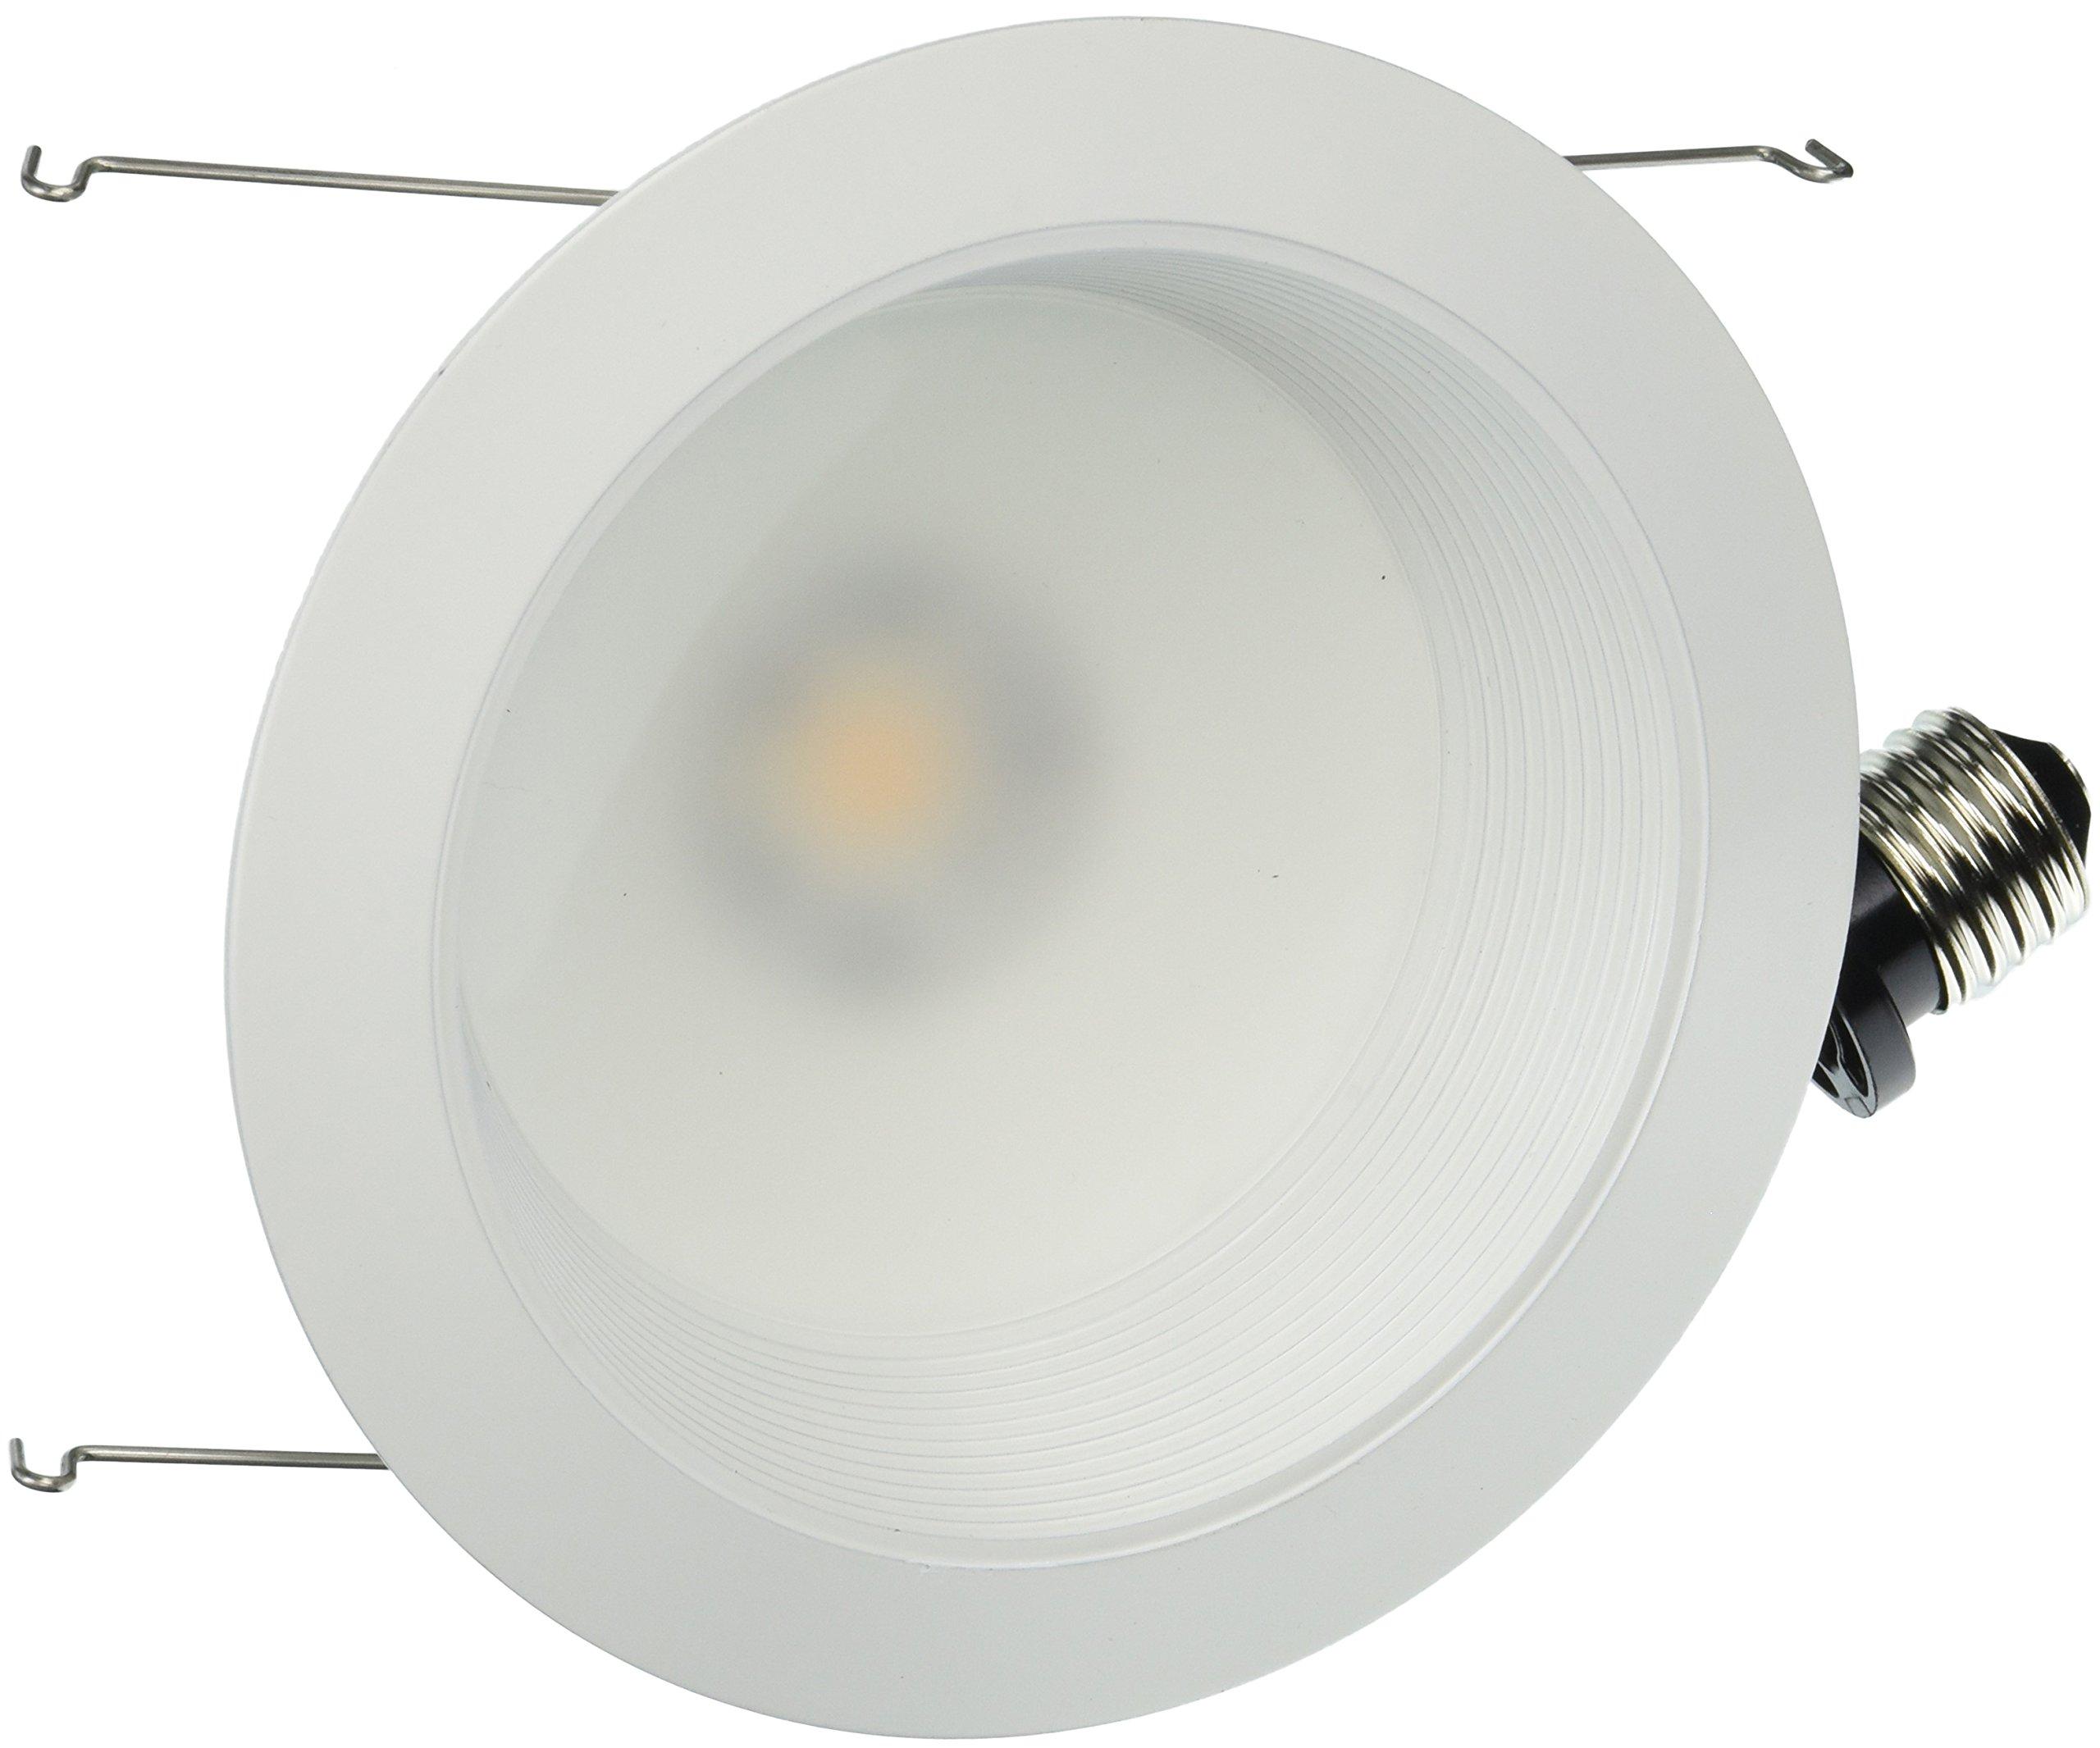 Juno Lighting 5RLD G2 09LM 30K 90CRI 120 FRPC WWH Juno 5'' Dimmable Retrofit Module, 3000K, 120V, Gen 2 5'' 2, 5 Inches, 3000K | Bright White